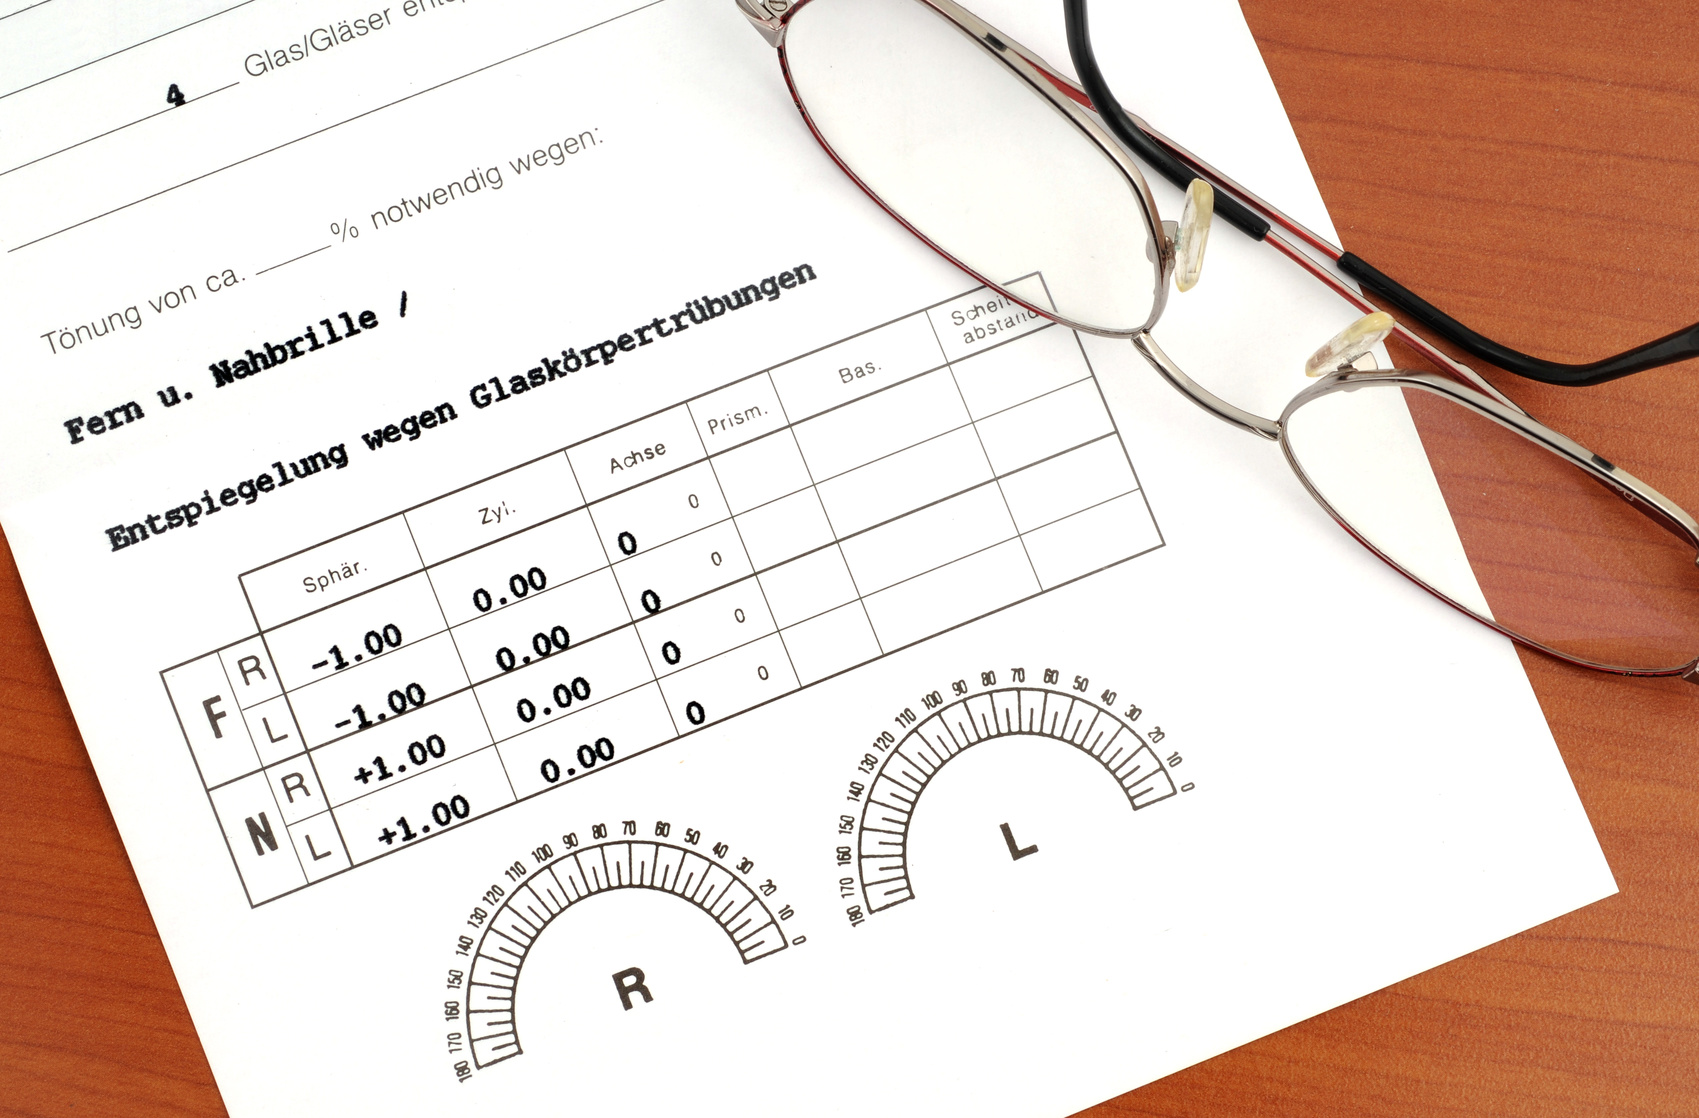 Brillenverordnung vom Arzt: Das Rezept für die Brille